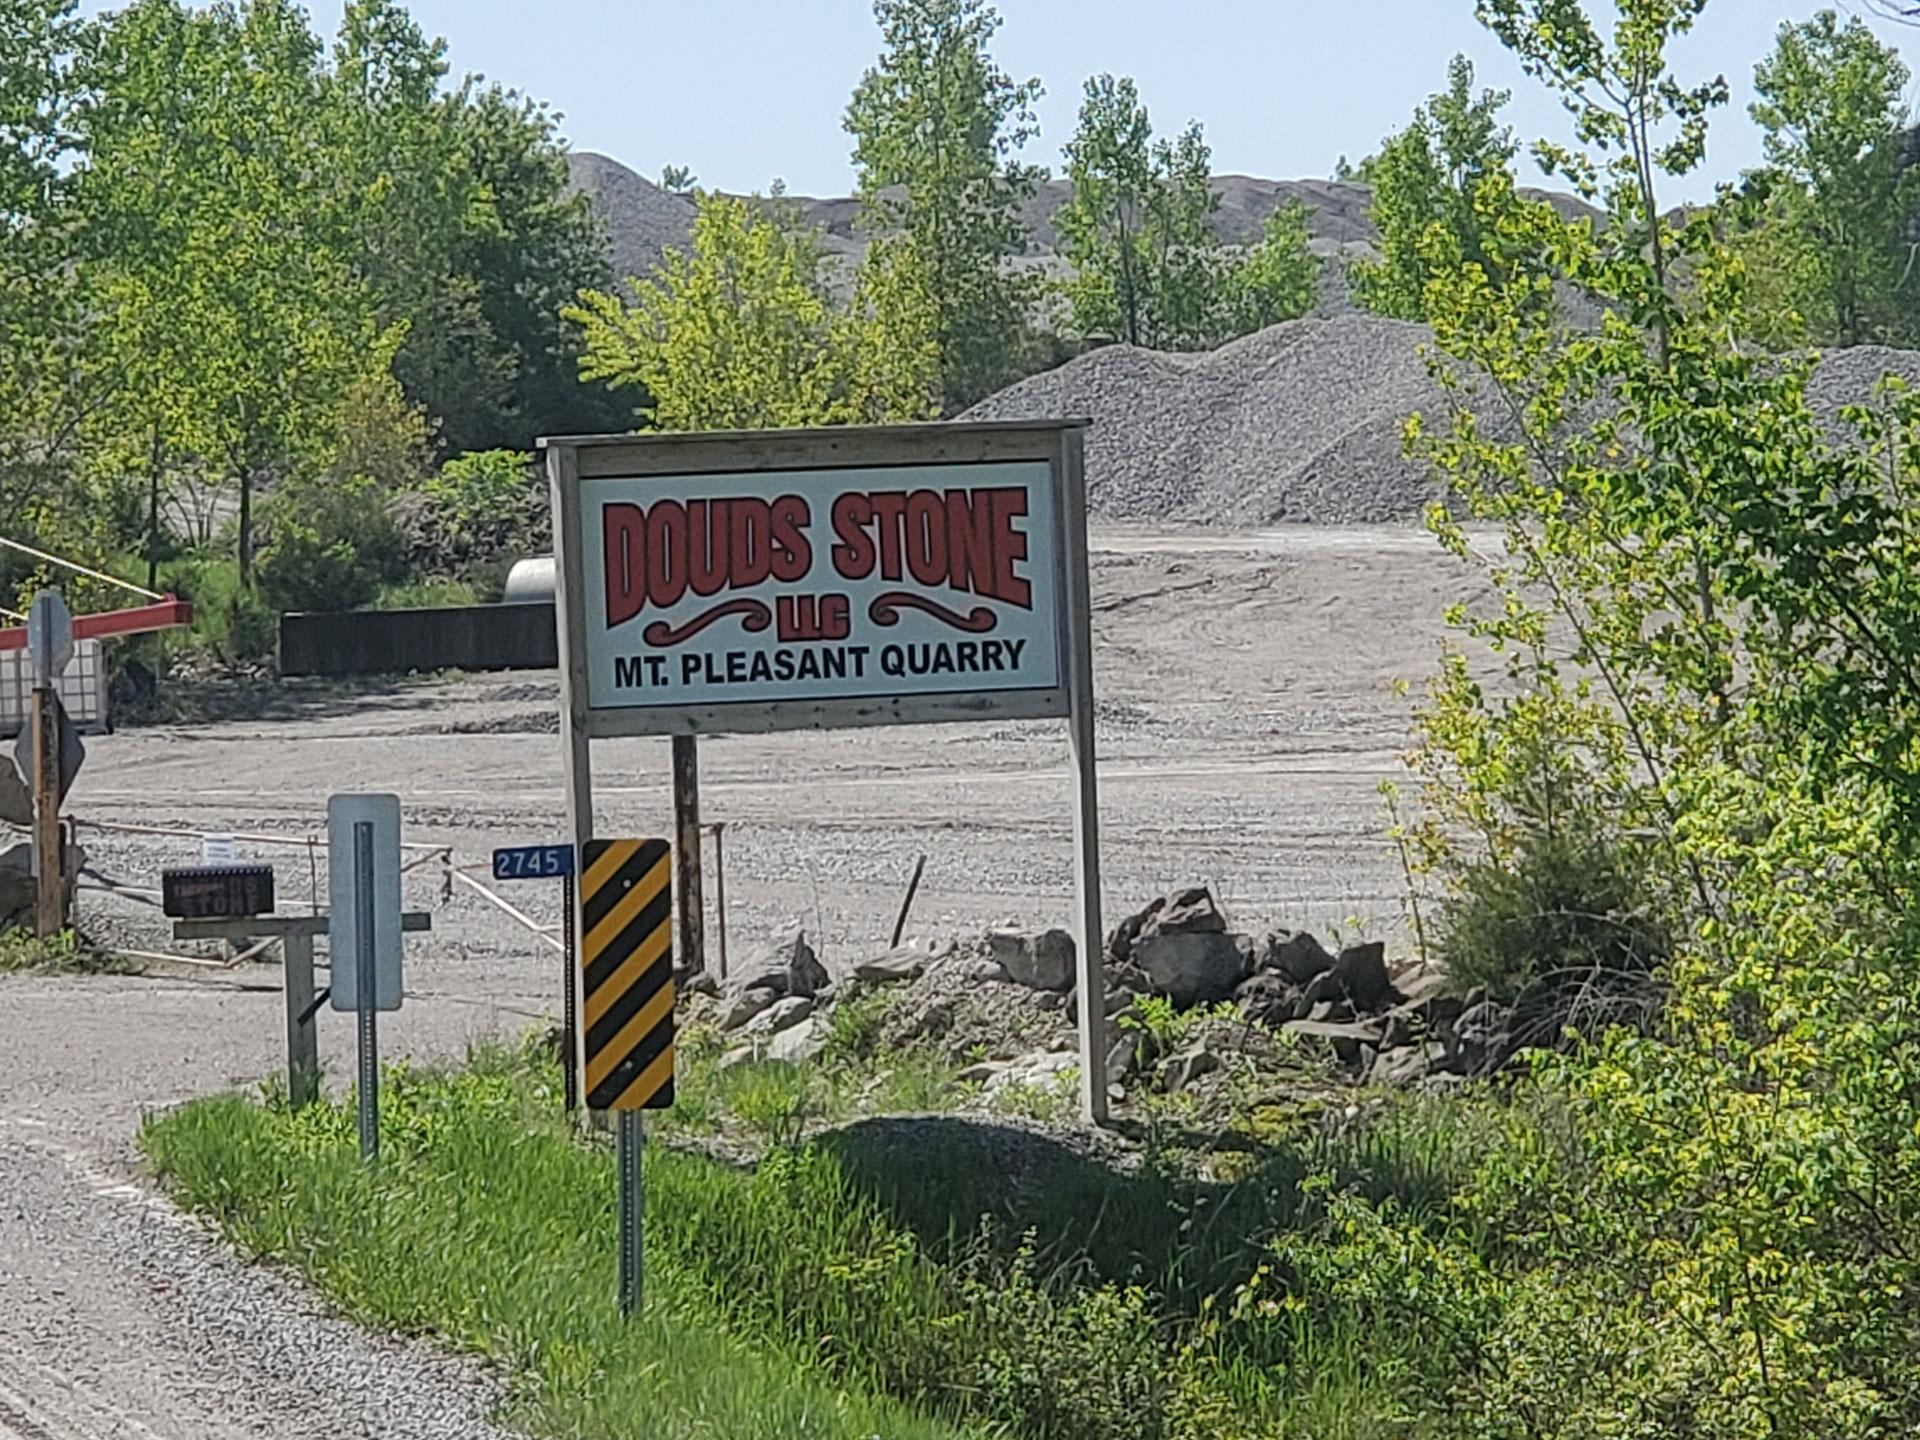 Mount Pleasant Quarry